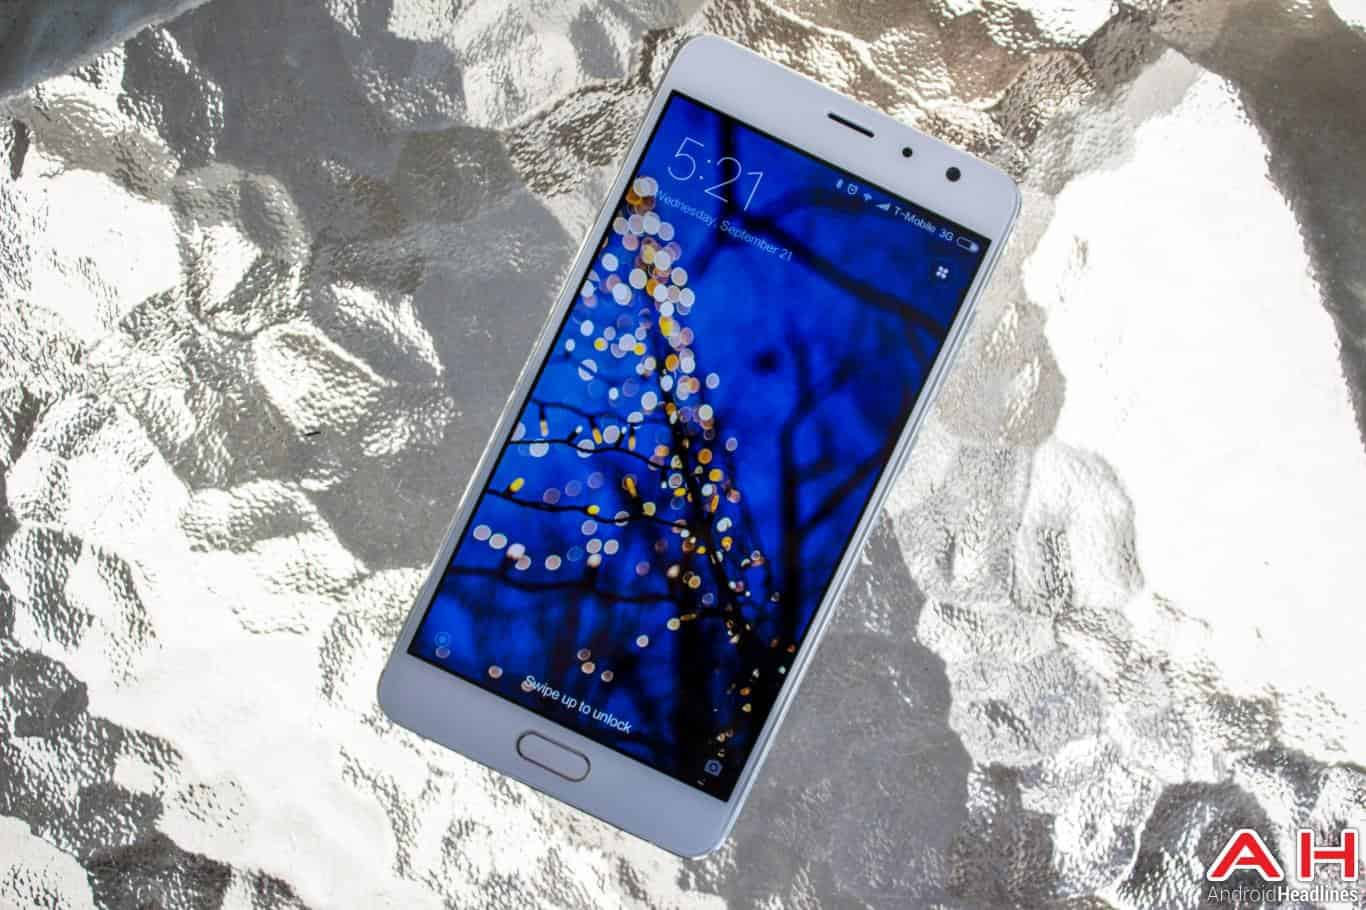 xiaomi-redmi-pro-ah-ns-10-display